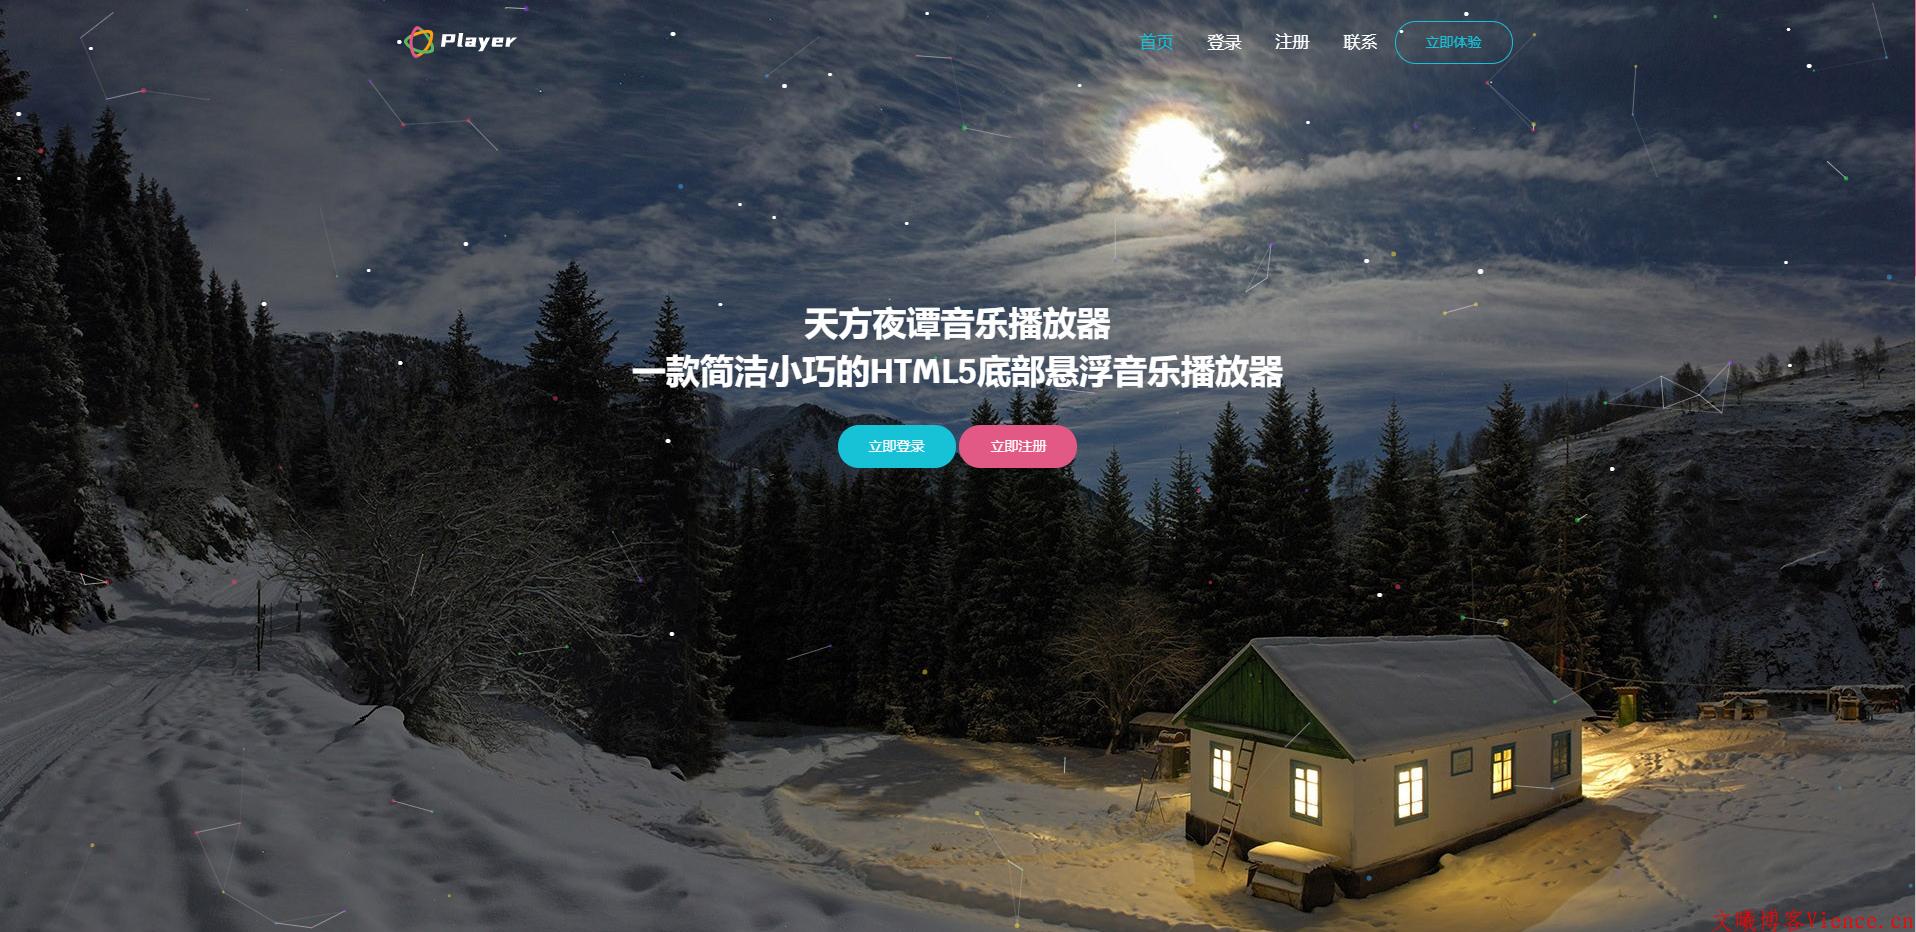 天方夜谭音乐播放器v1.2免授权版